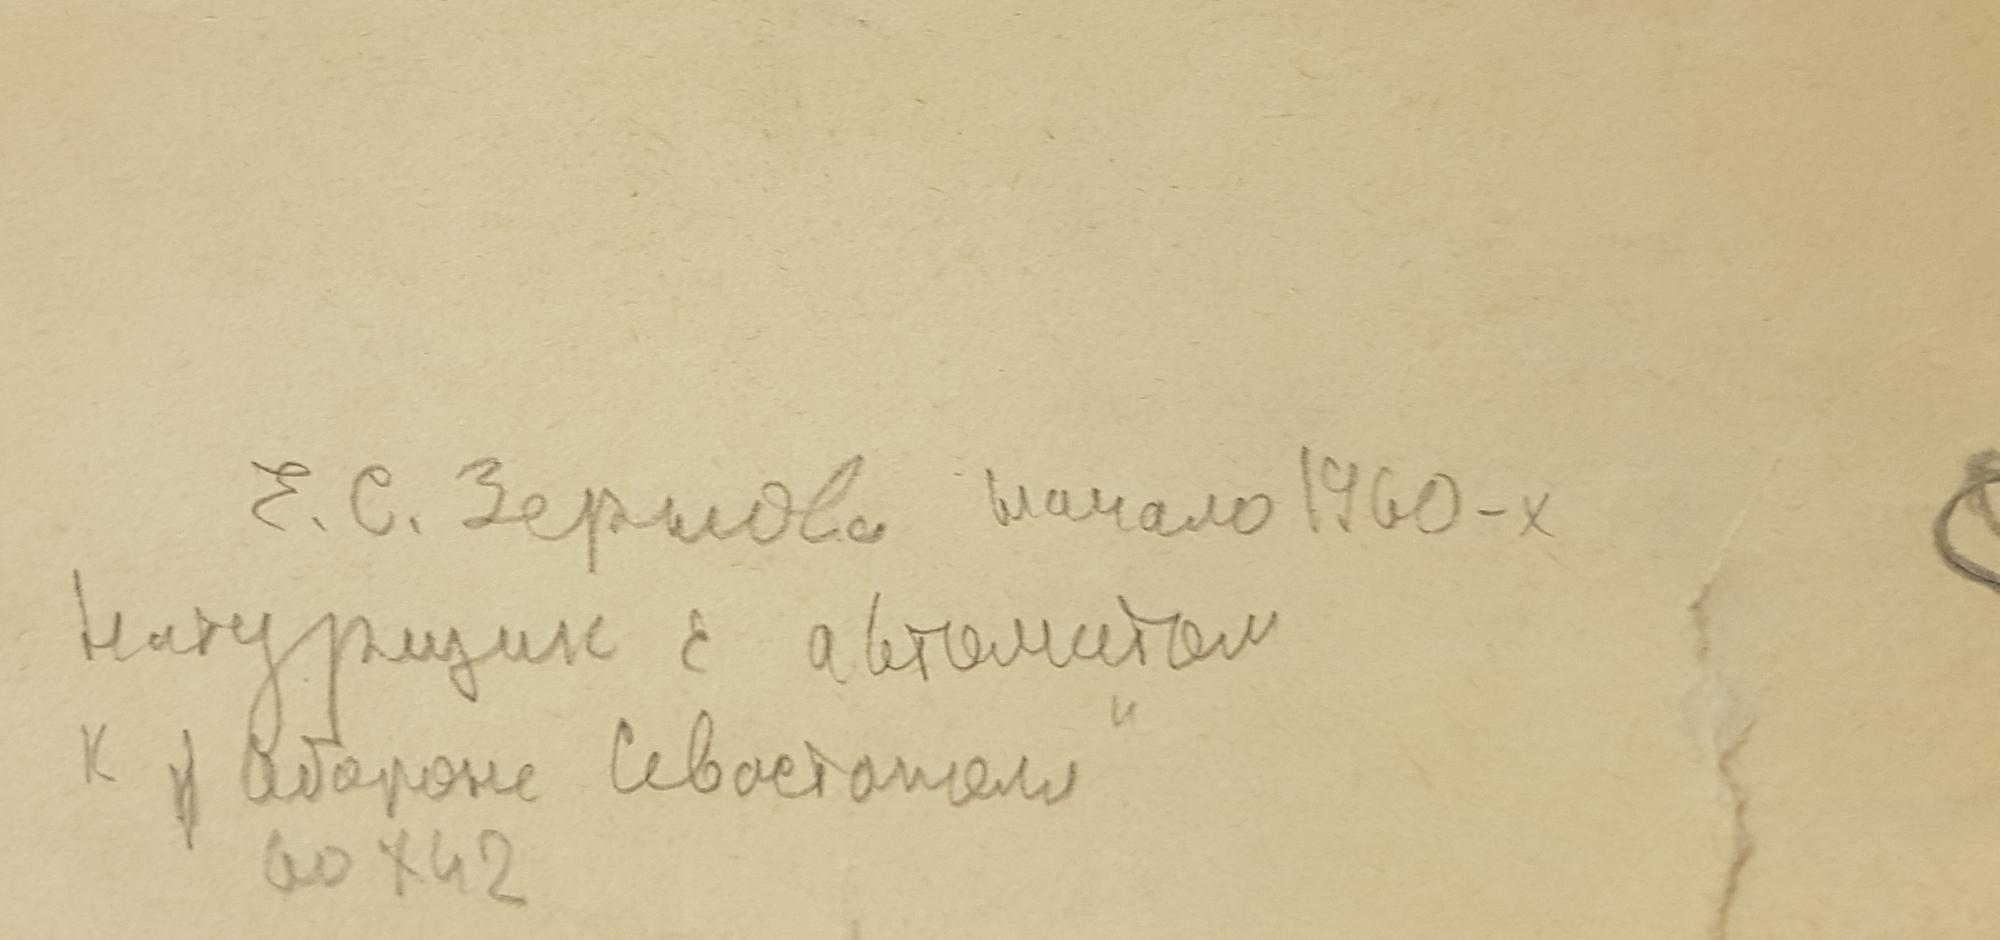 Подпись. Зернова Екатерина Сергеевна. Натурщик с автоматом